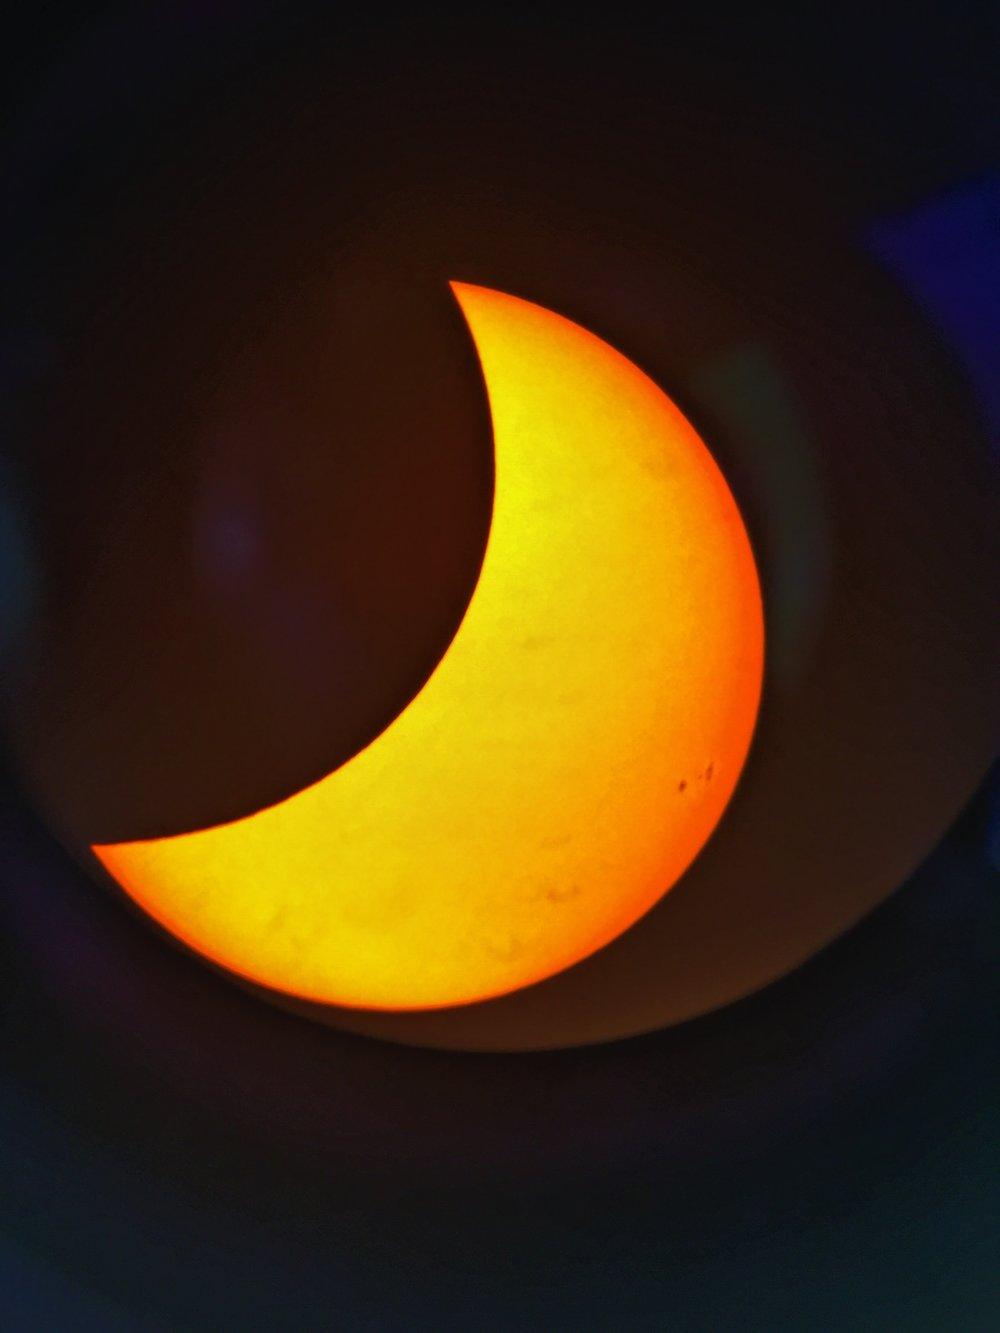 2017 Solar Eclipse - ST Louis